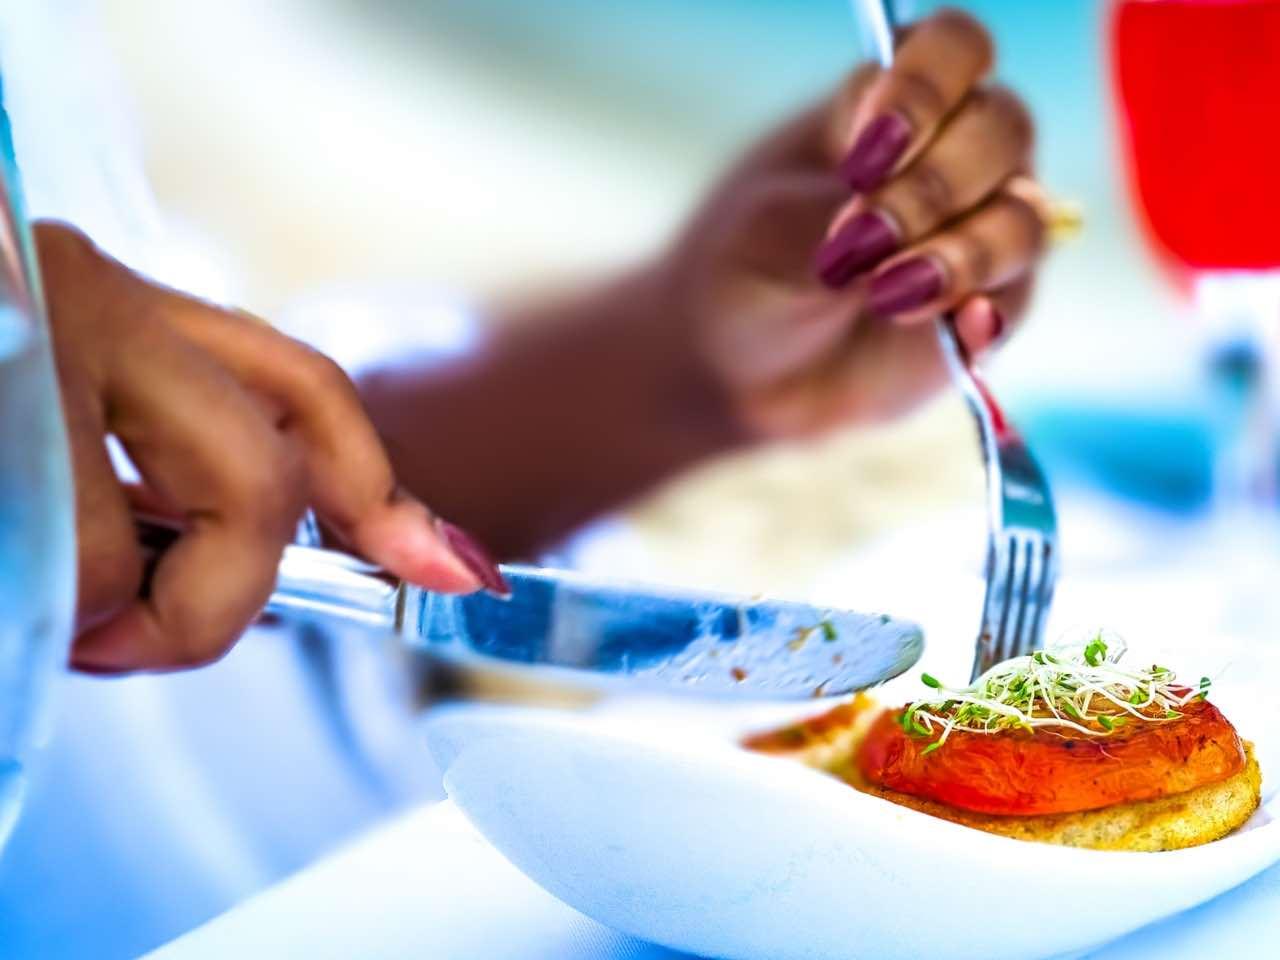 Dieta Lemme funziona davvero? 5 aspetti che non conosci